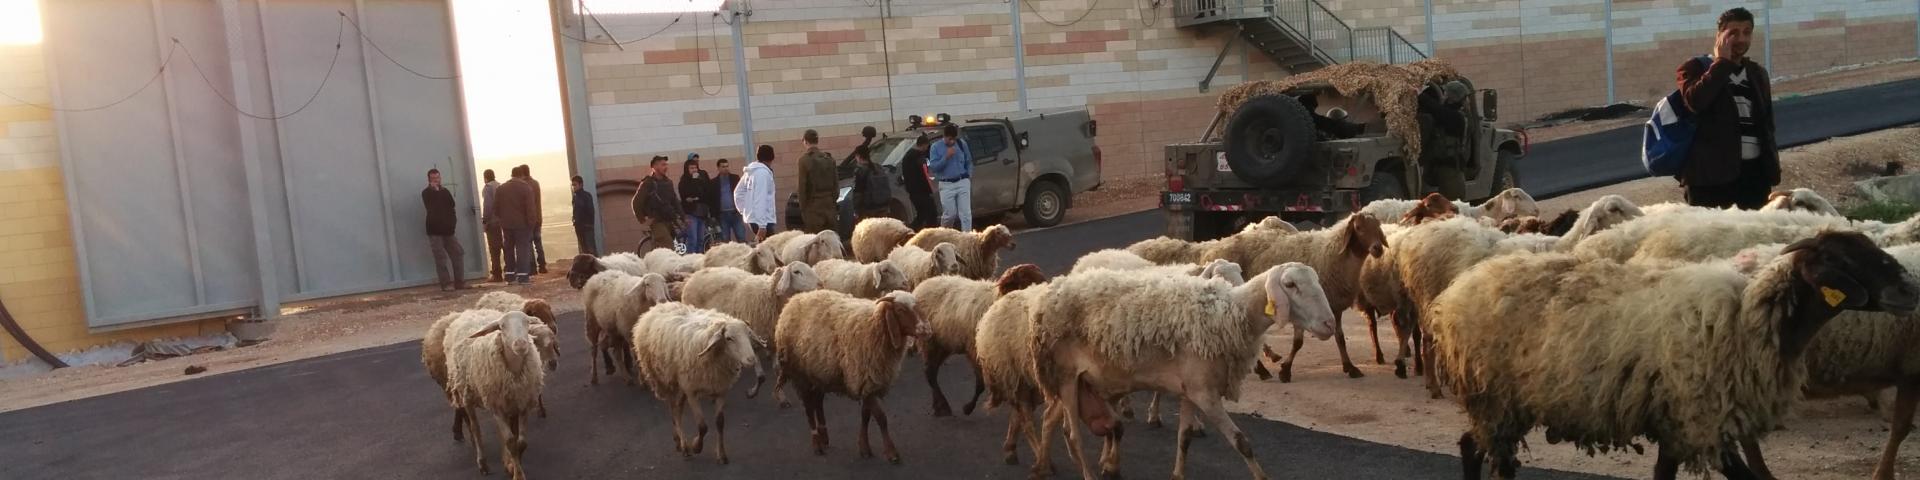 מעבר אורנית - מהבית לשטח החקלאי